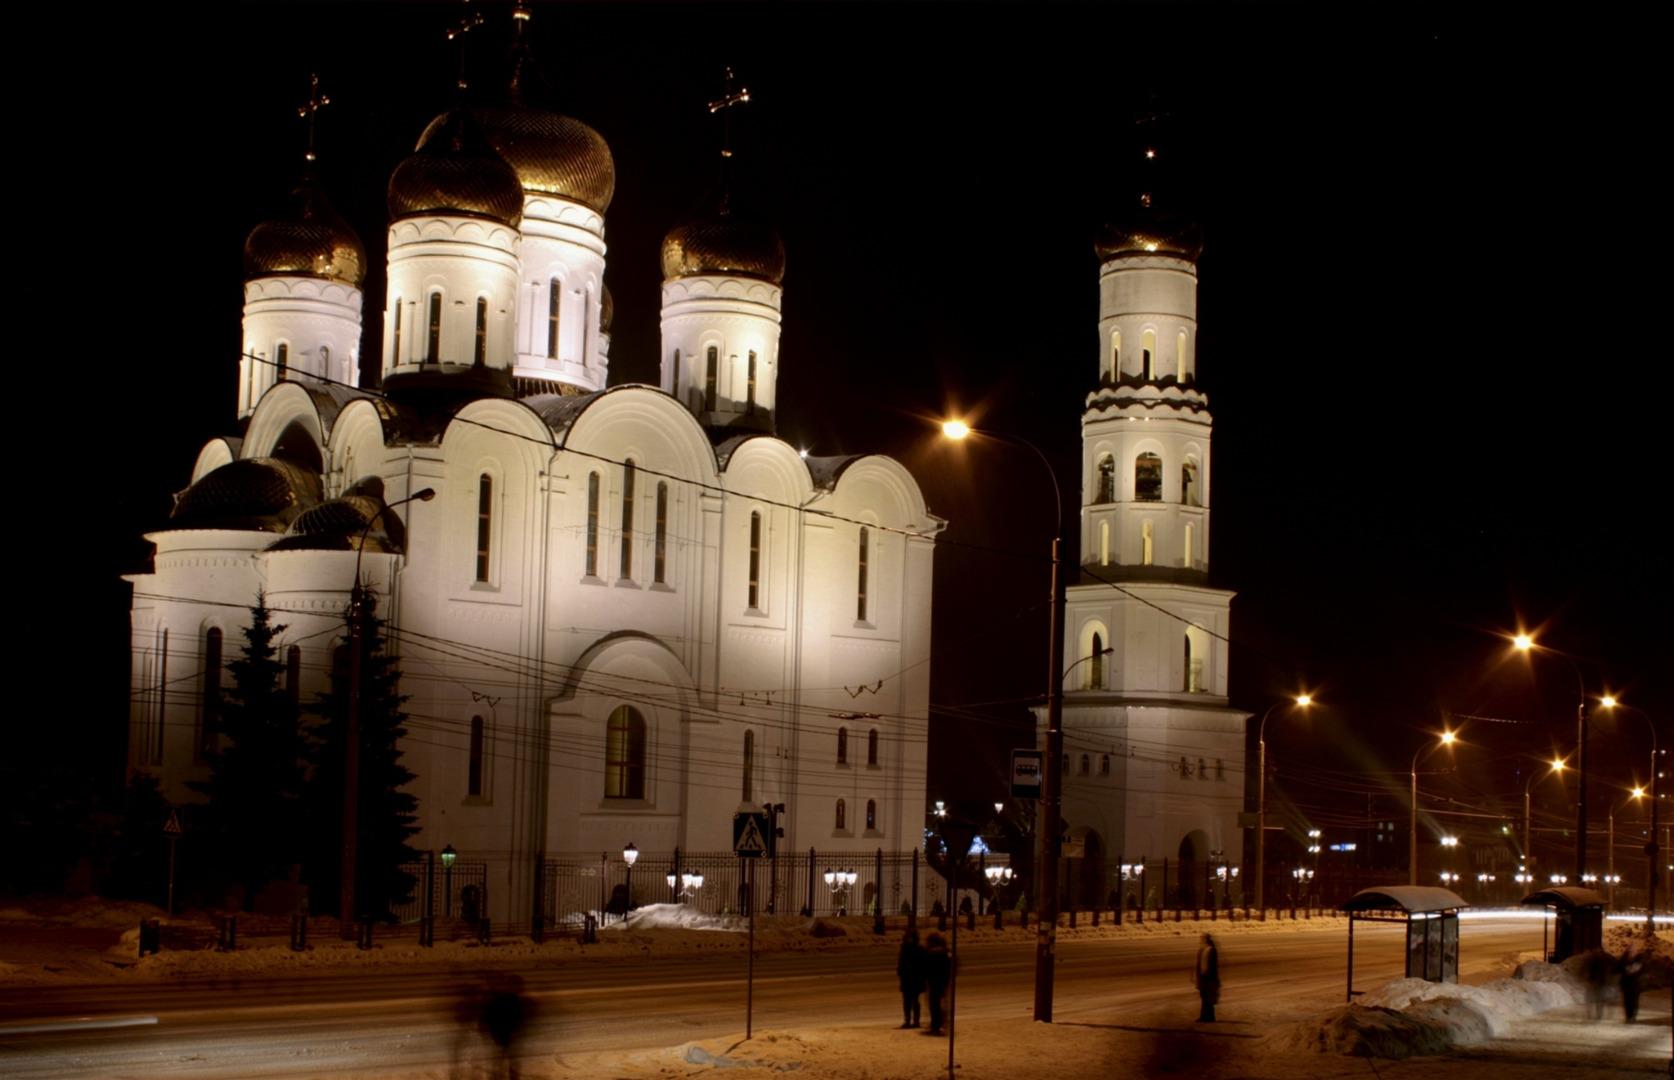 Брянский кафедральный собор во имя Святой Троицы, Брянск